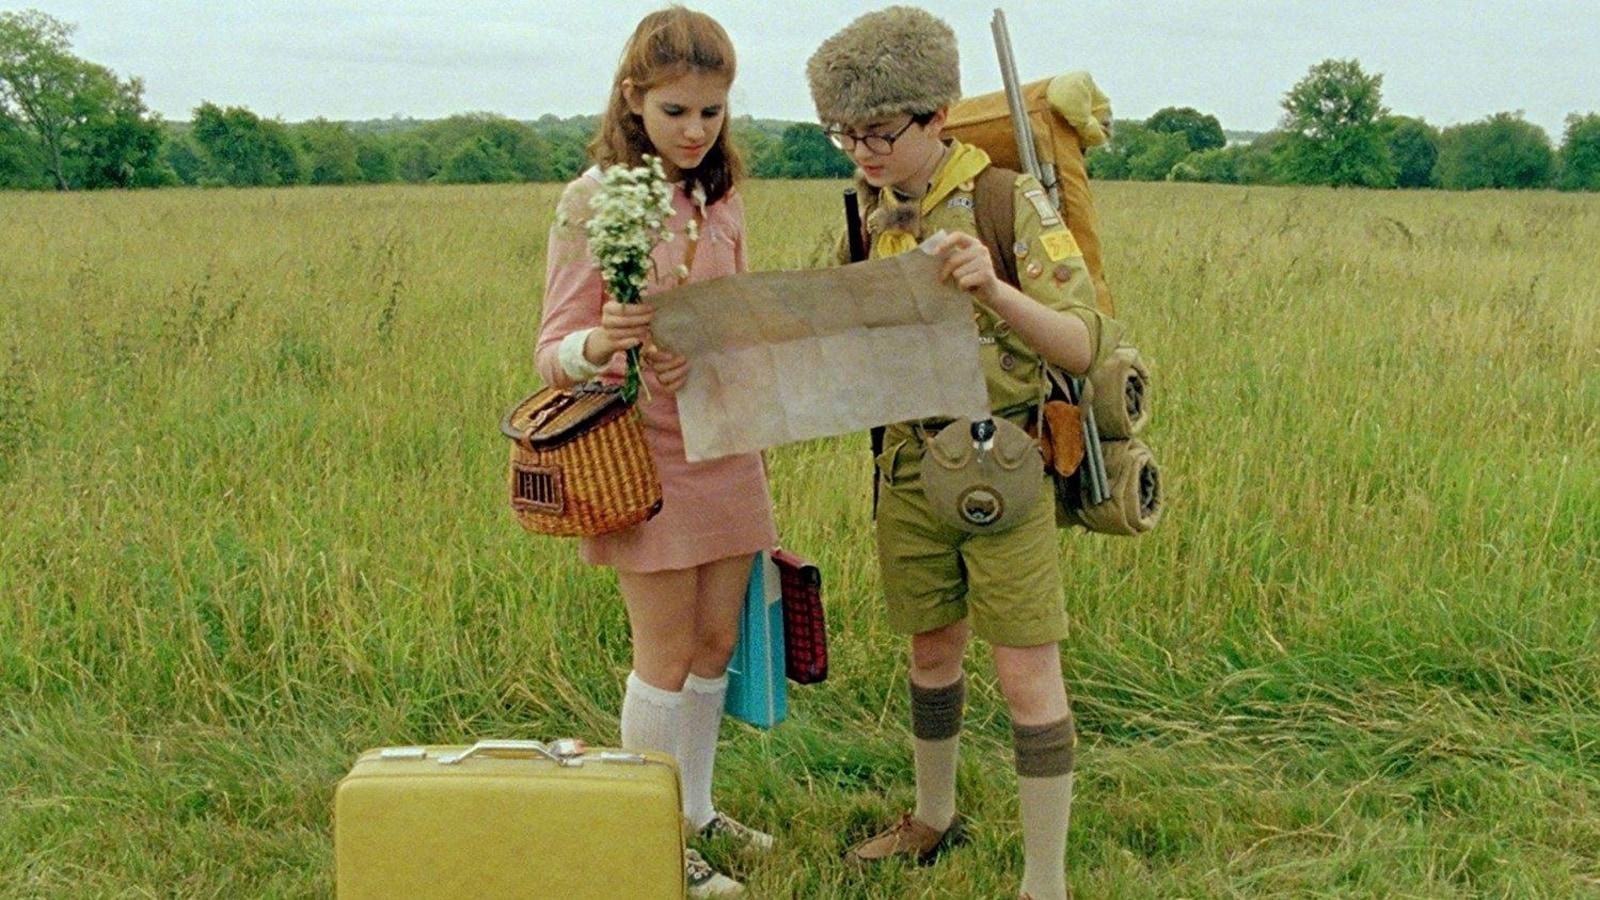 Une petite fille et un petit garçon habillé en scout regardent une carte dans une prairie.